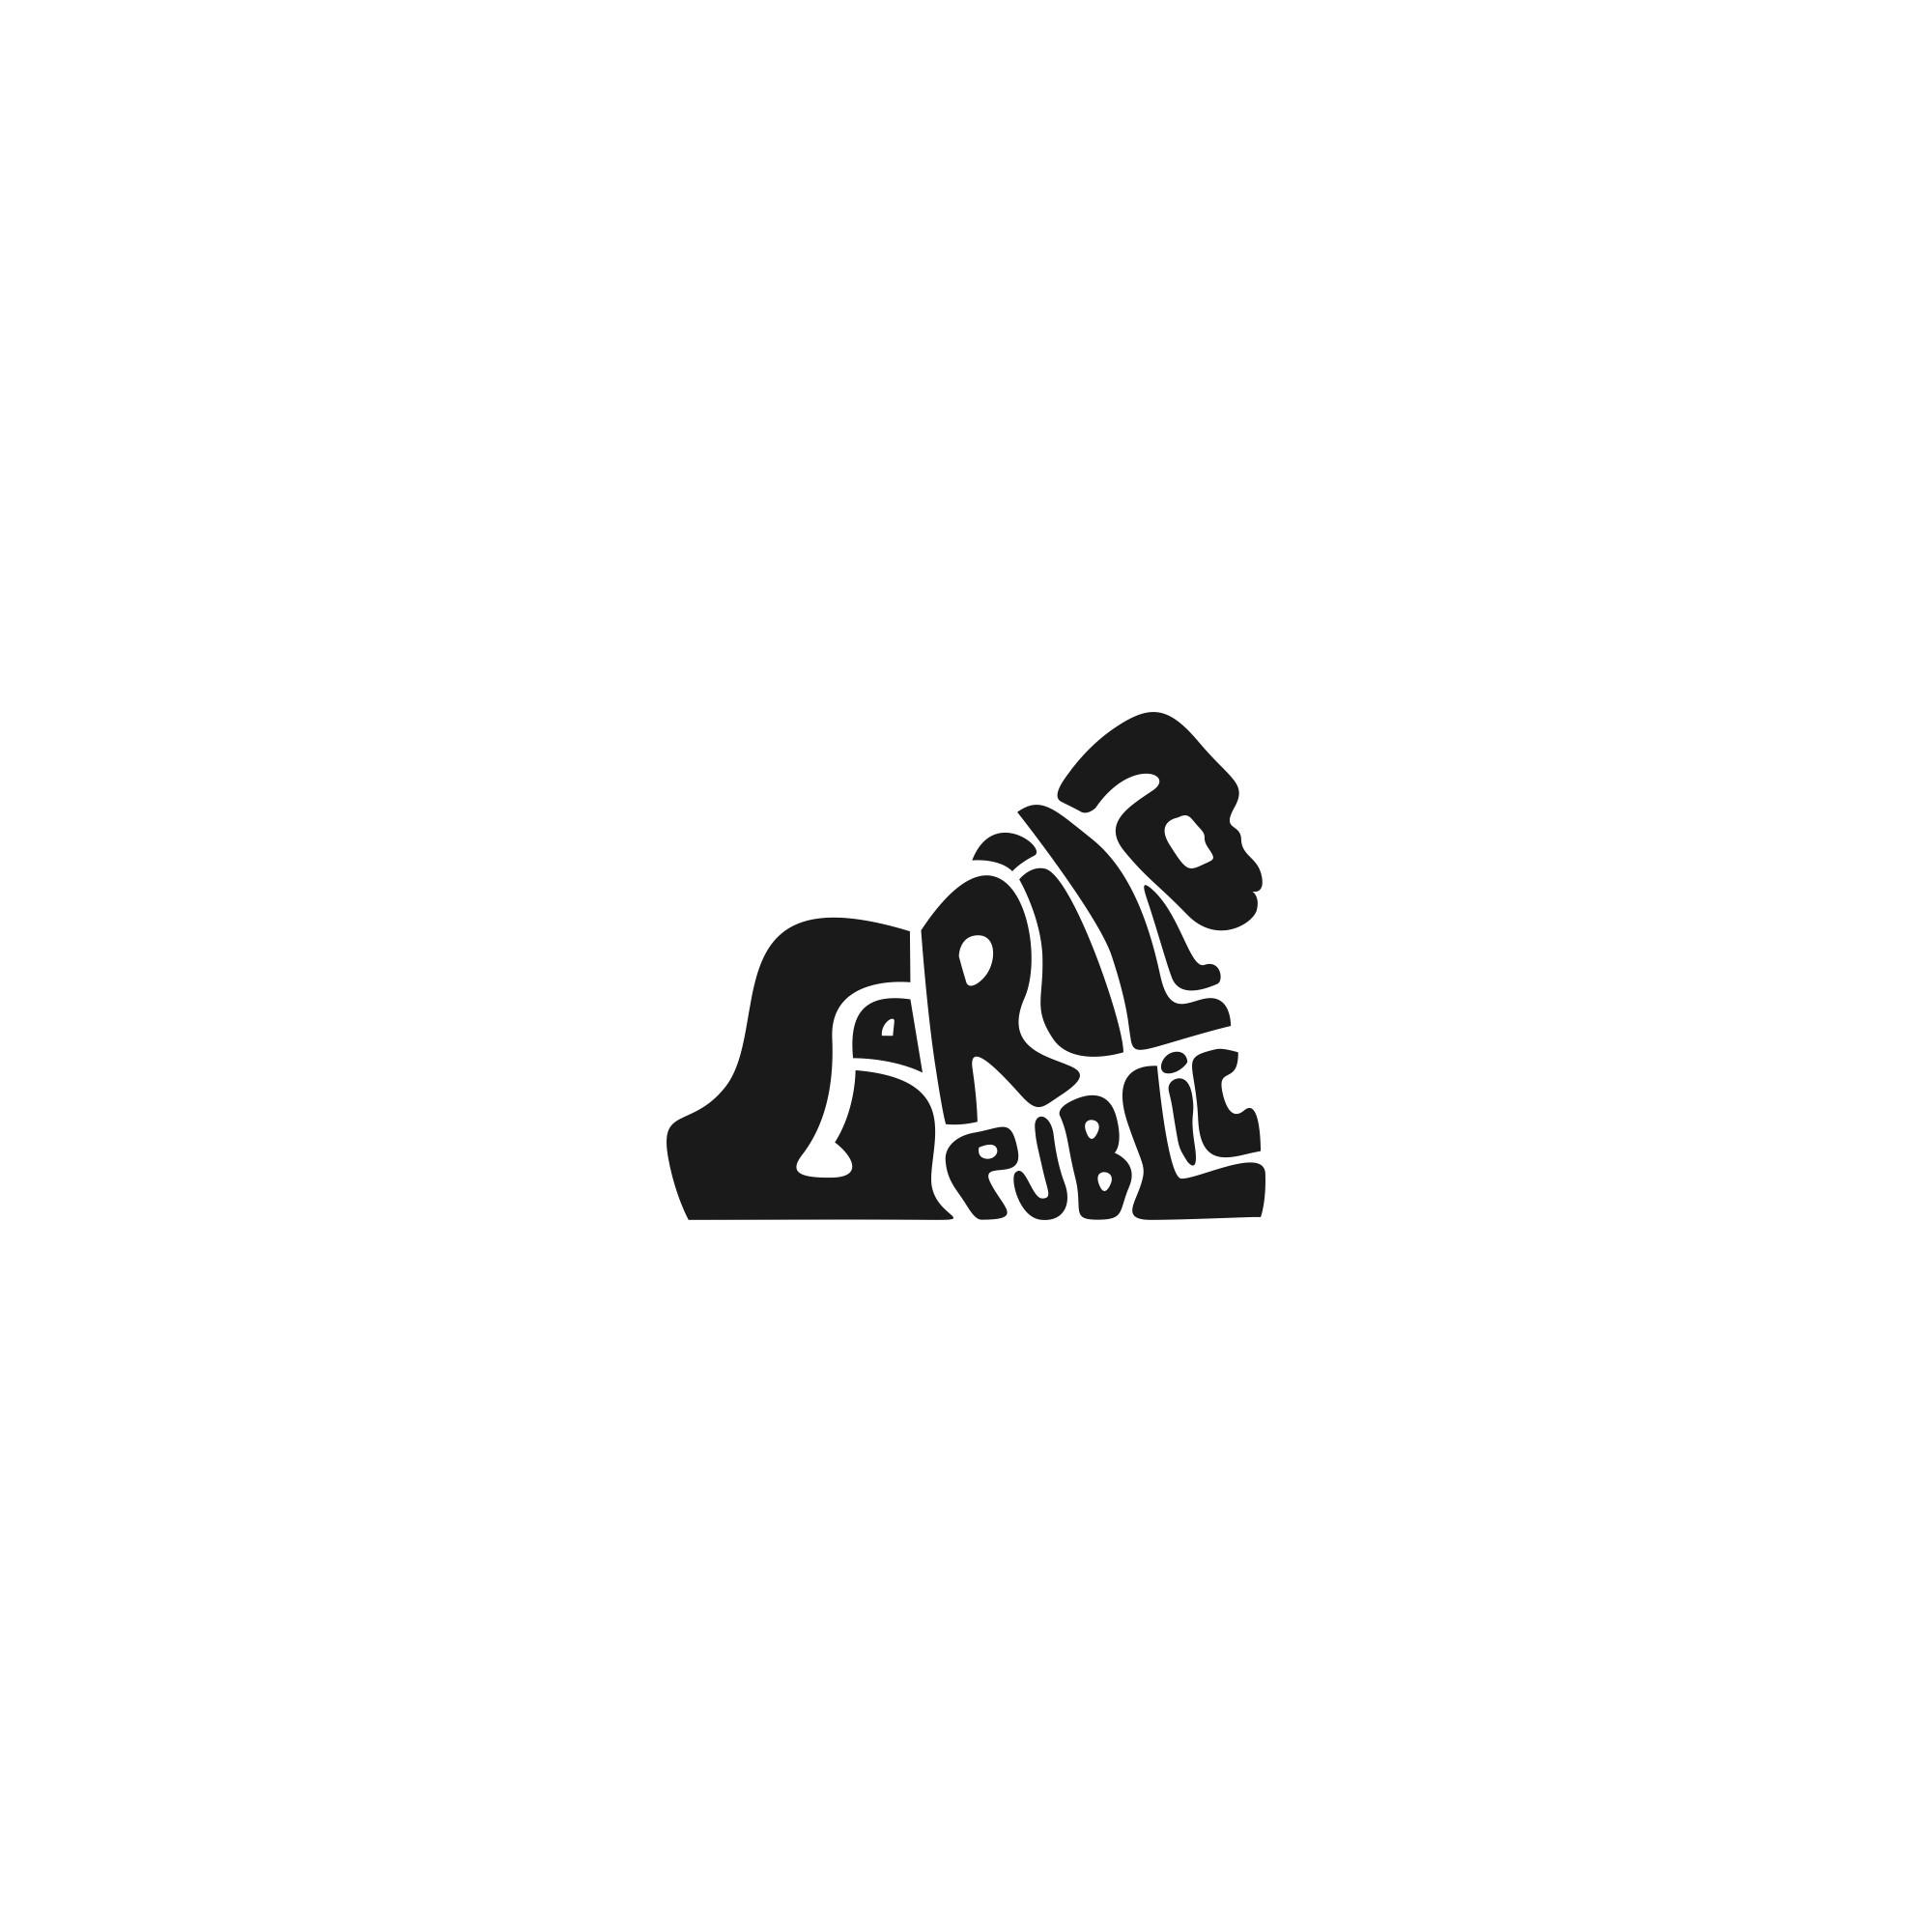 Gorilla Public Logo Design